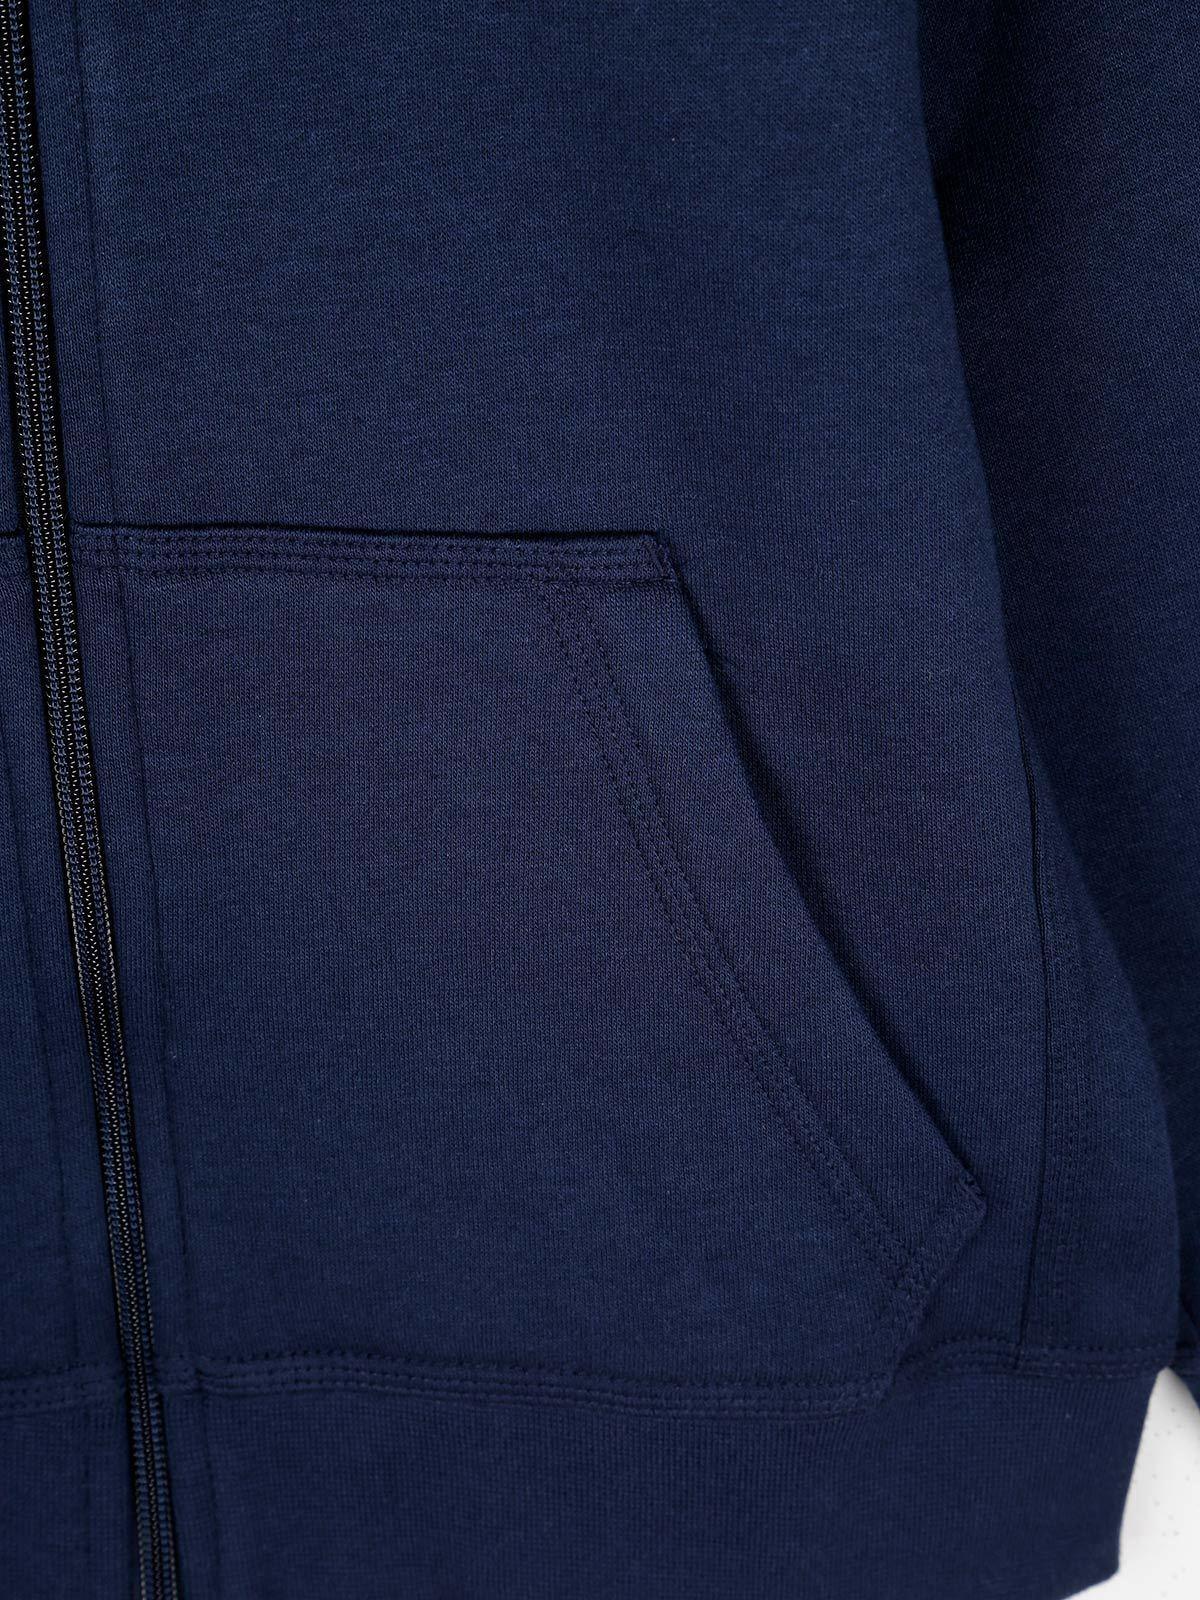 nike Nike Brushed Fleece Full Zip felpa in pile | MecShopping